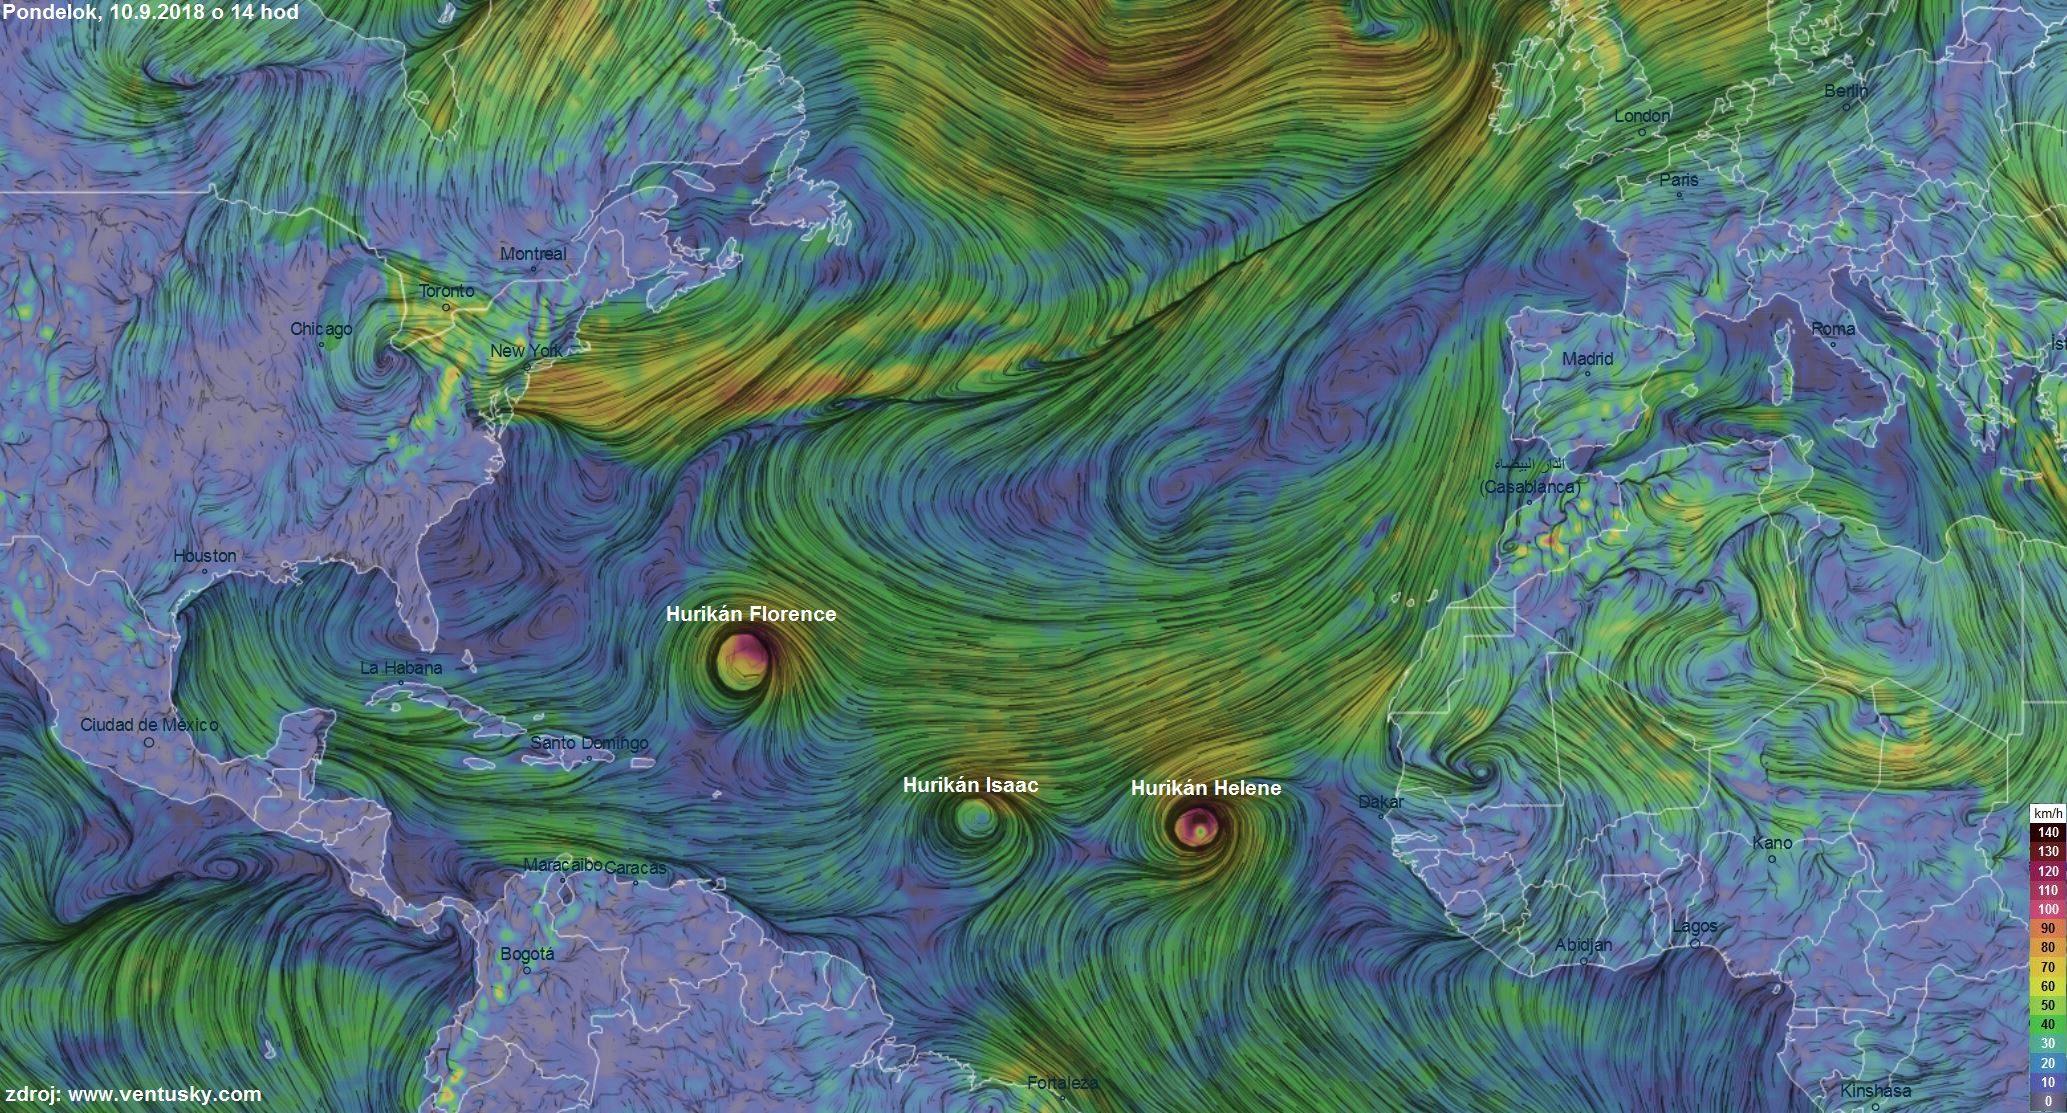 V Atlantickom oceáne sú súčasne až 3 hurikány